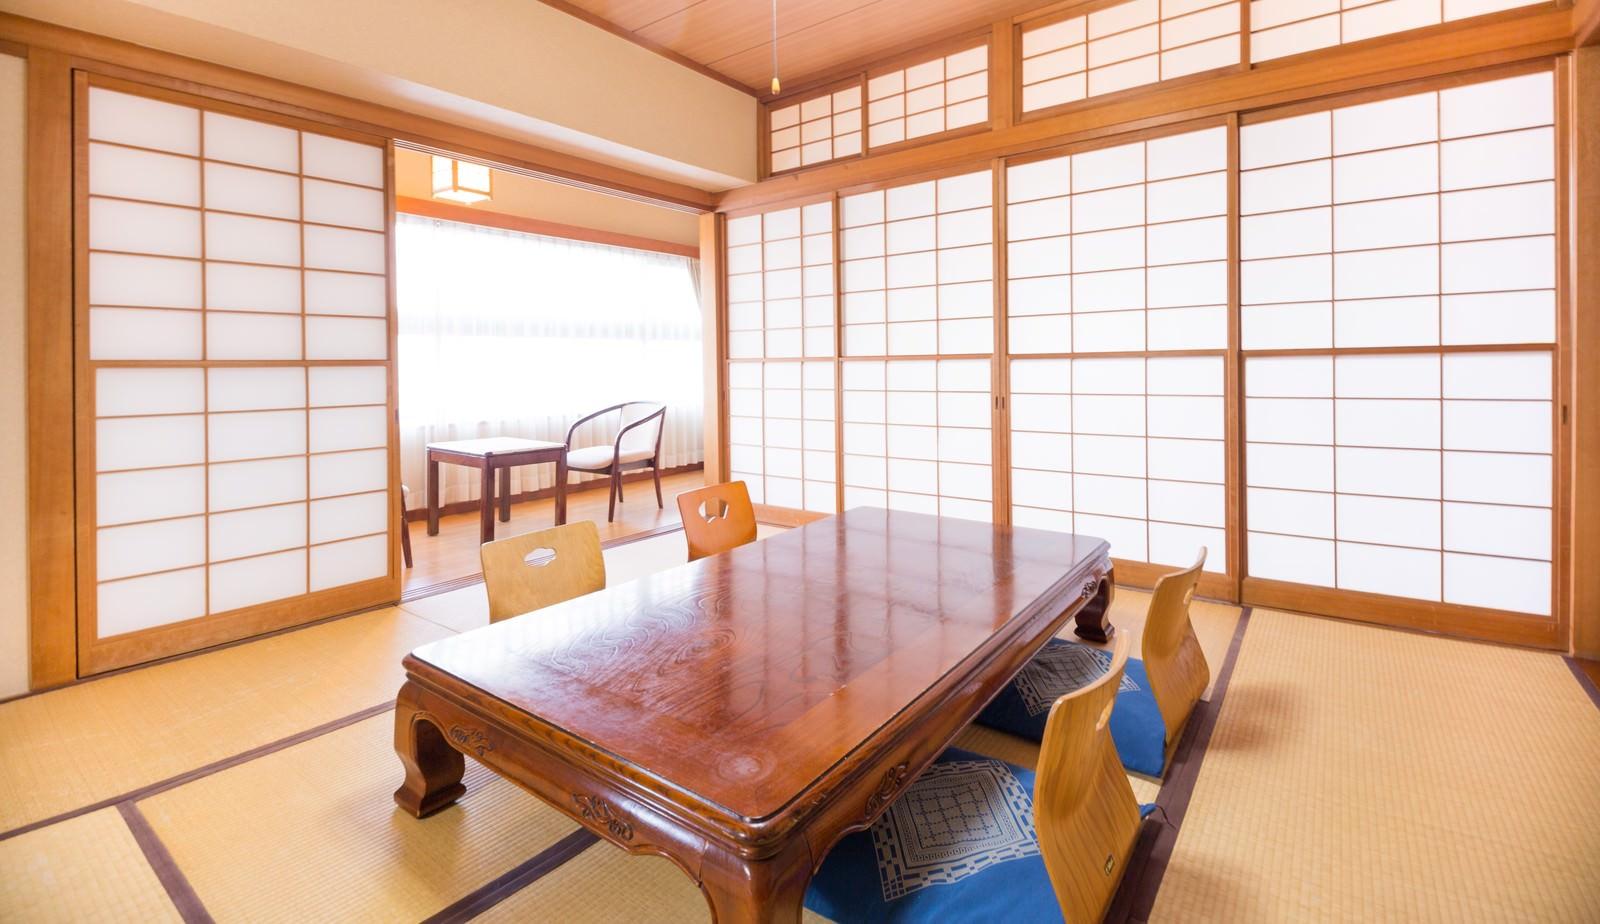 「和室の客室」の写真